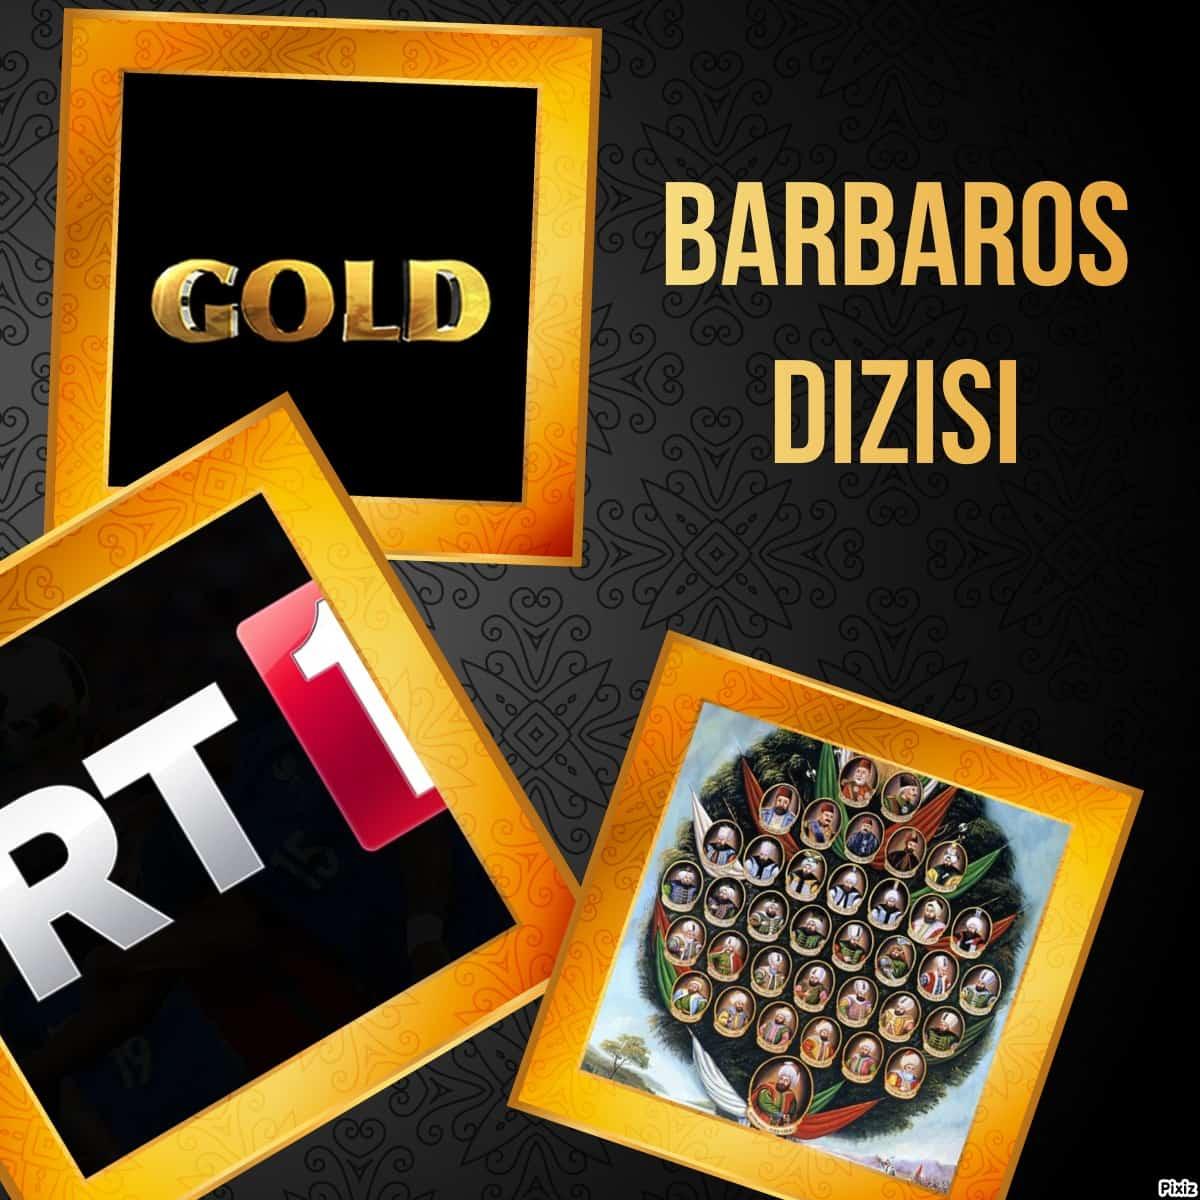 Barbaros Dizisi Oyuncu kadrosu ve karakterleri